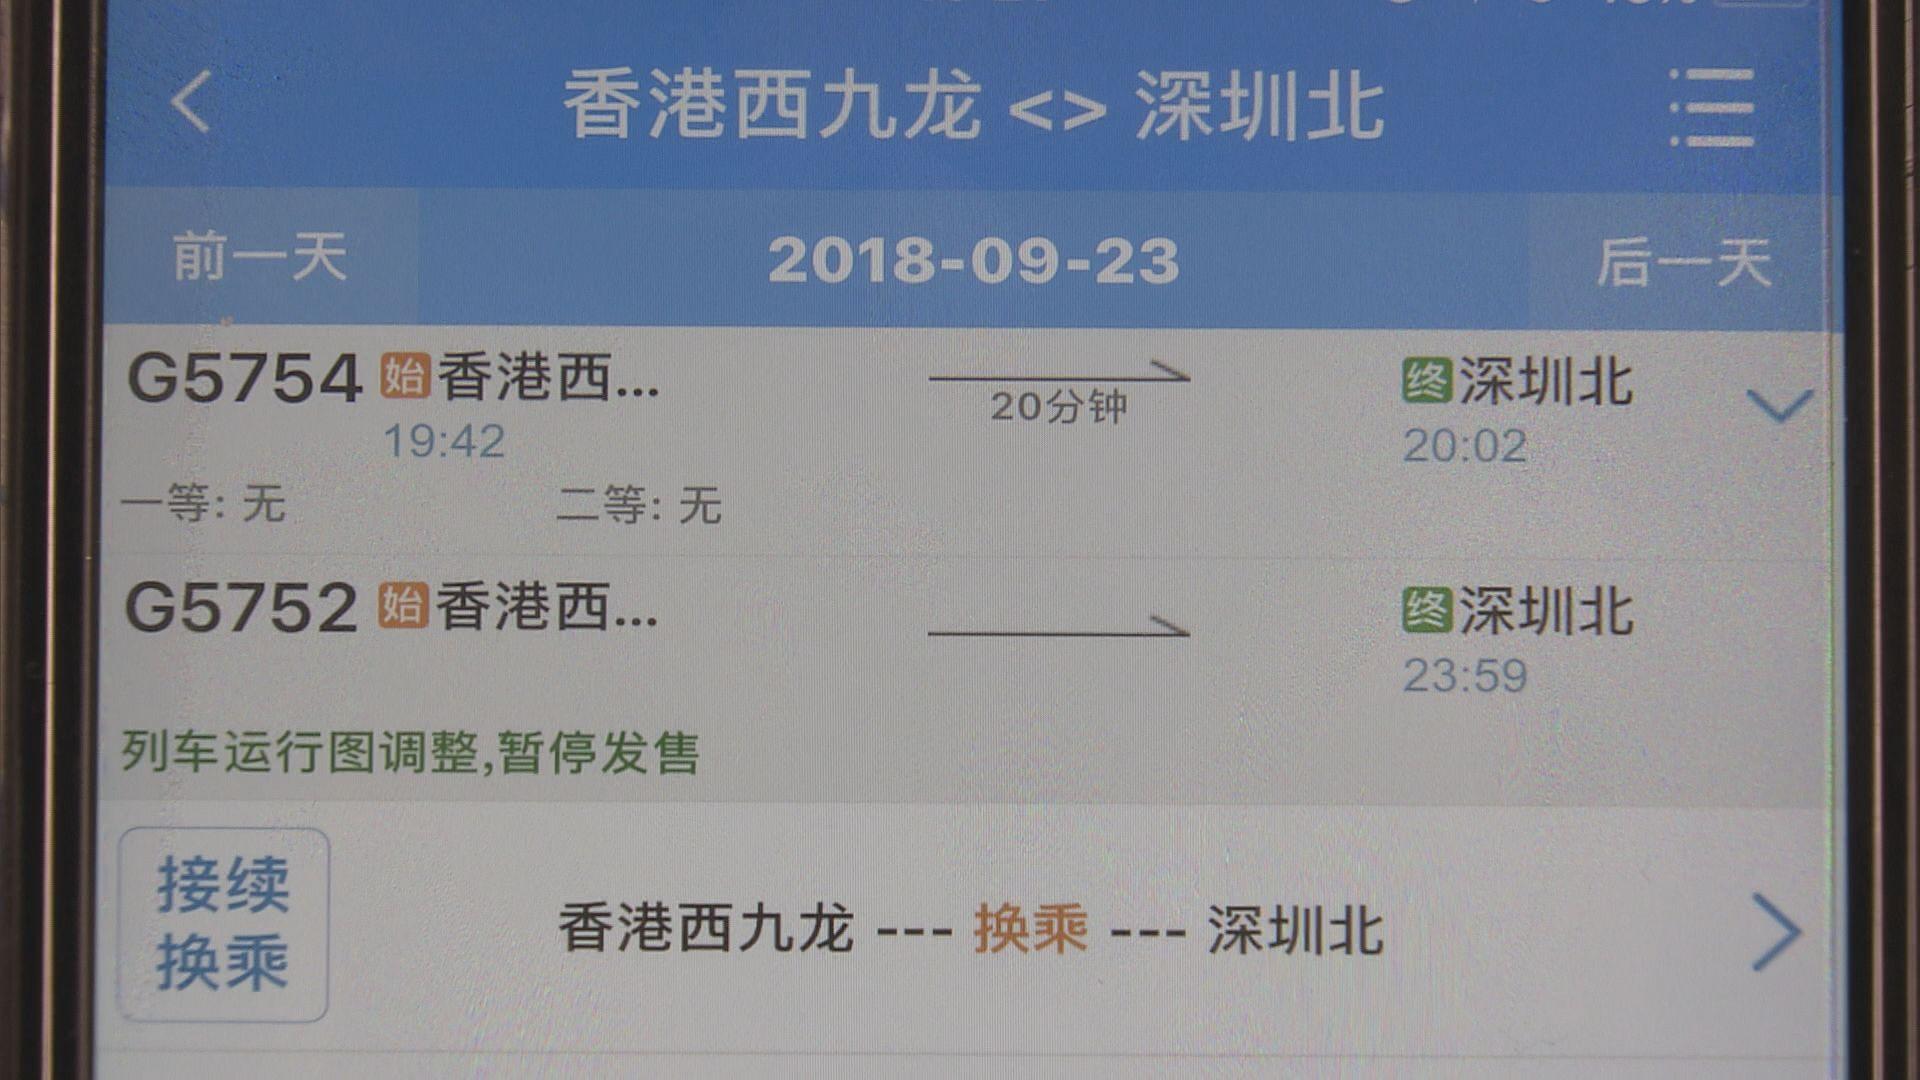 內地官網披露高鐵列車編號 暫未能購票